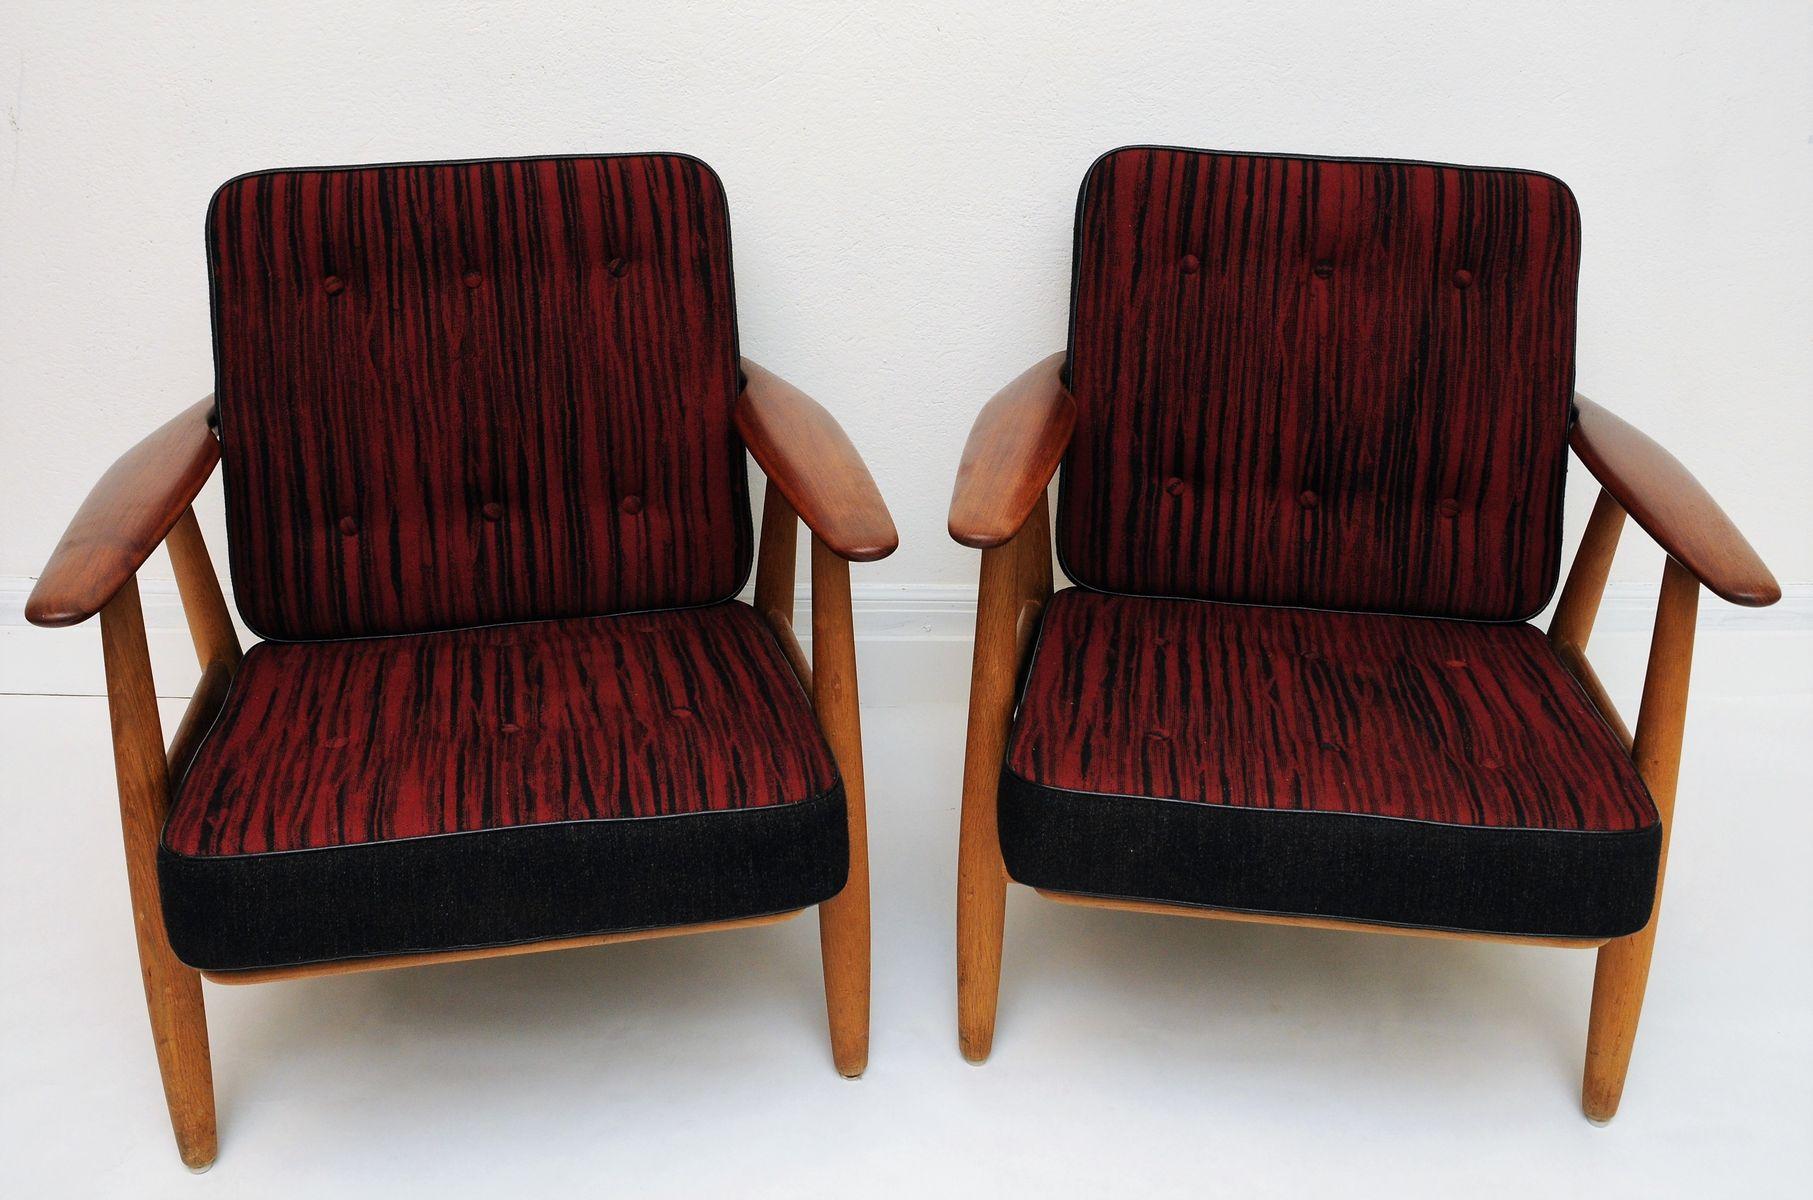 d nische vintage cigar sessel ge240 von hans j wegner f r. Black Bedroom Furniture Sets. Home Design Ideas